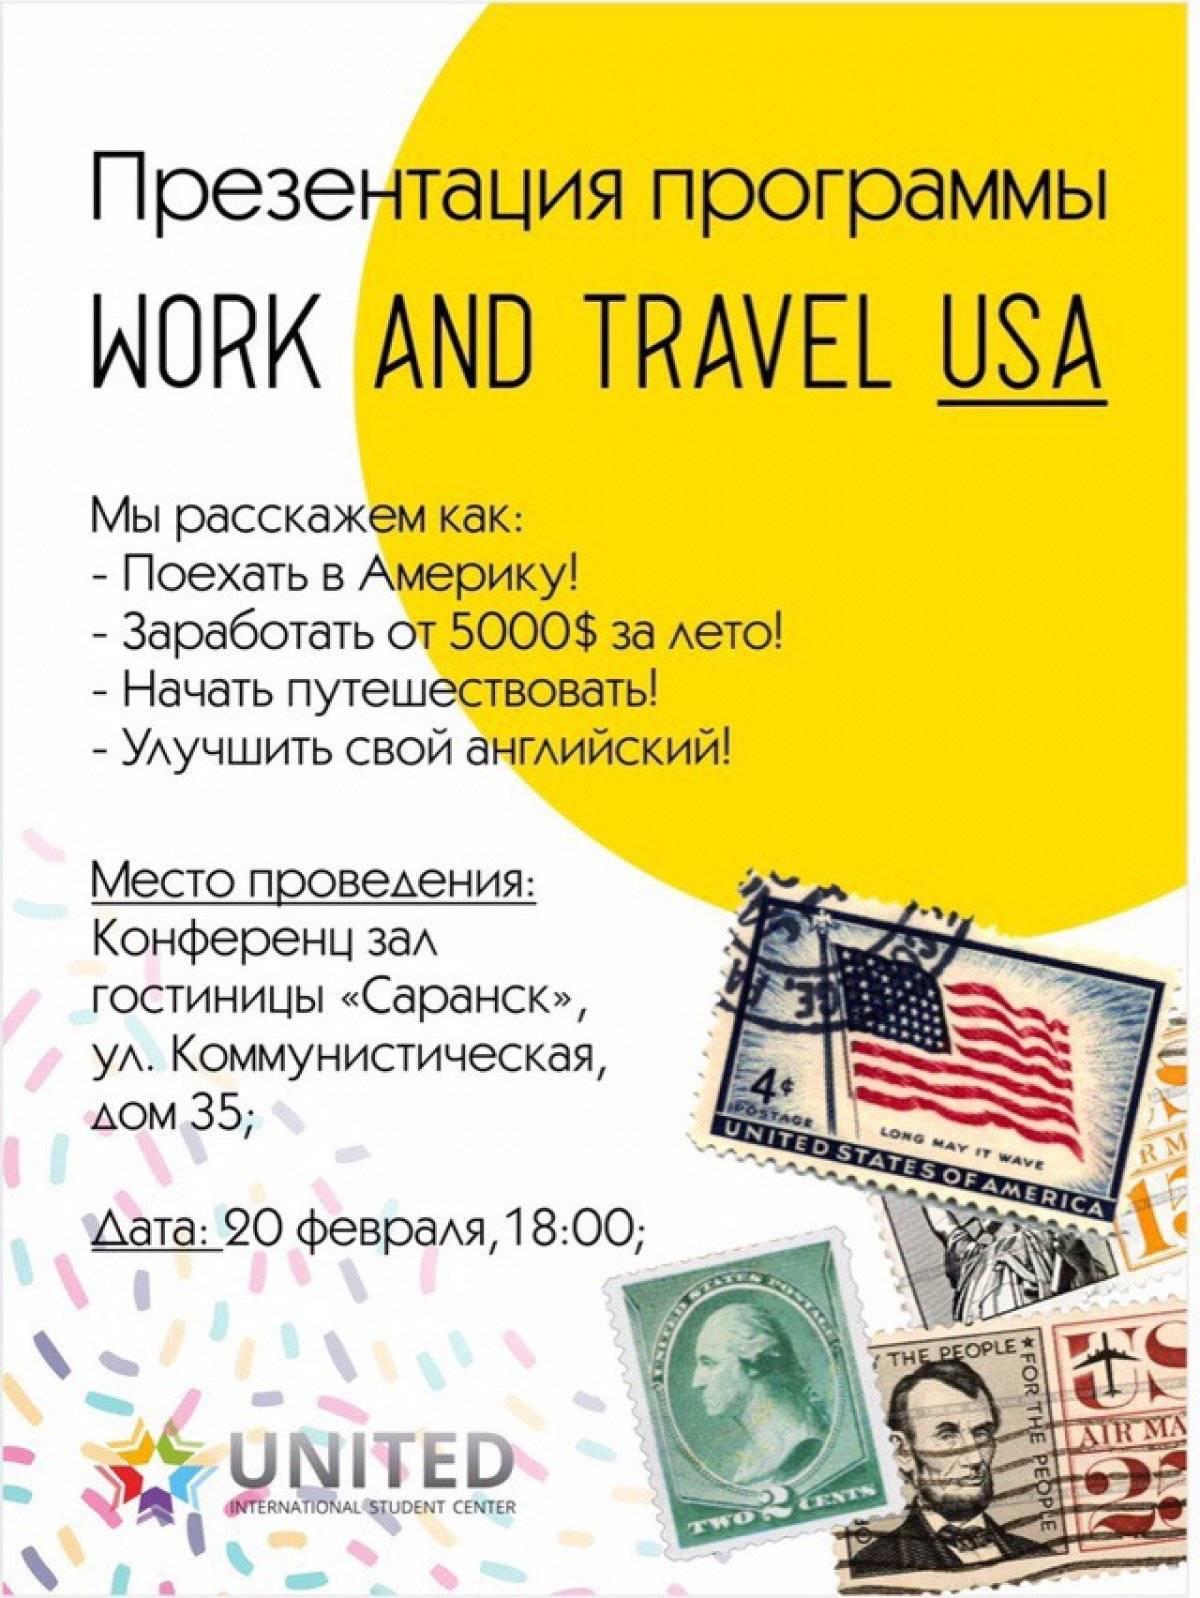 Программа work and travel usa в россии: как студенту набраться опыта в другой стране